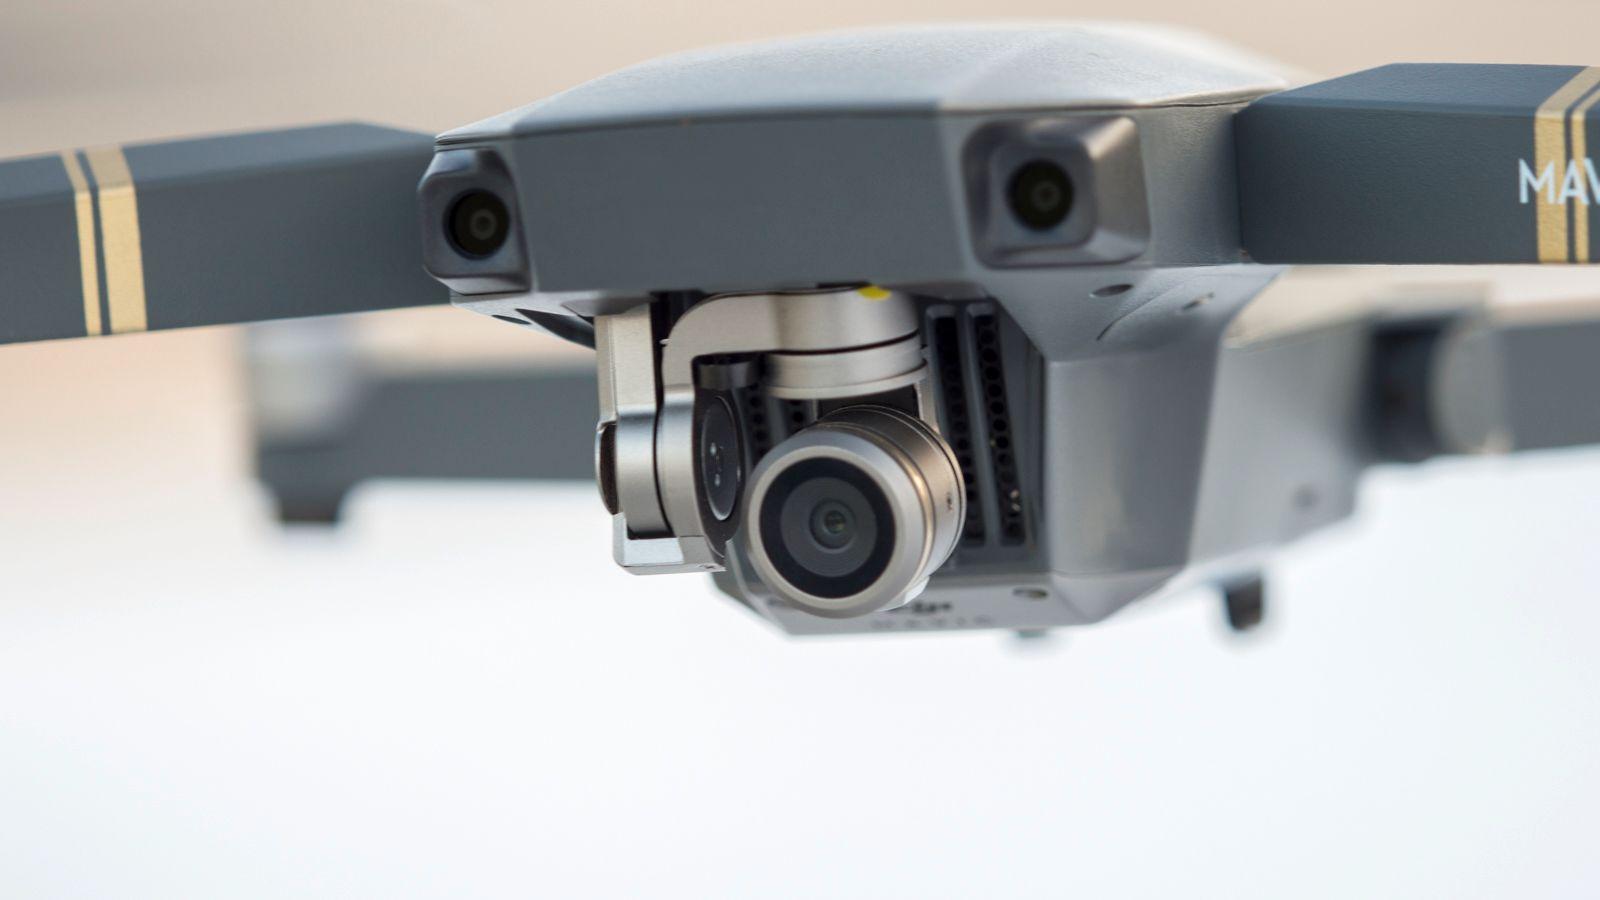 Det er et lite kamera, men så er det jo også en liten drone.